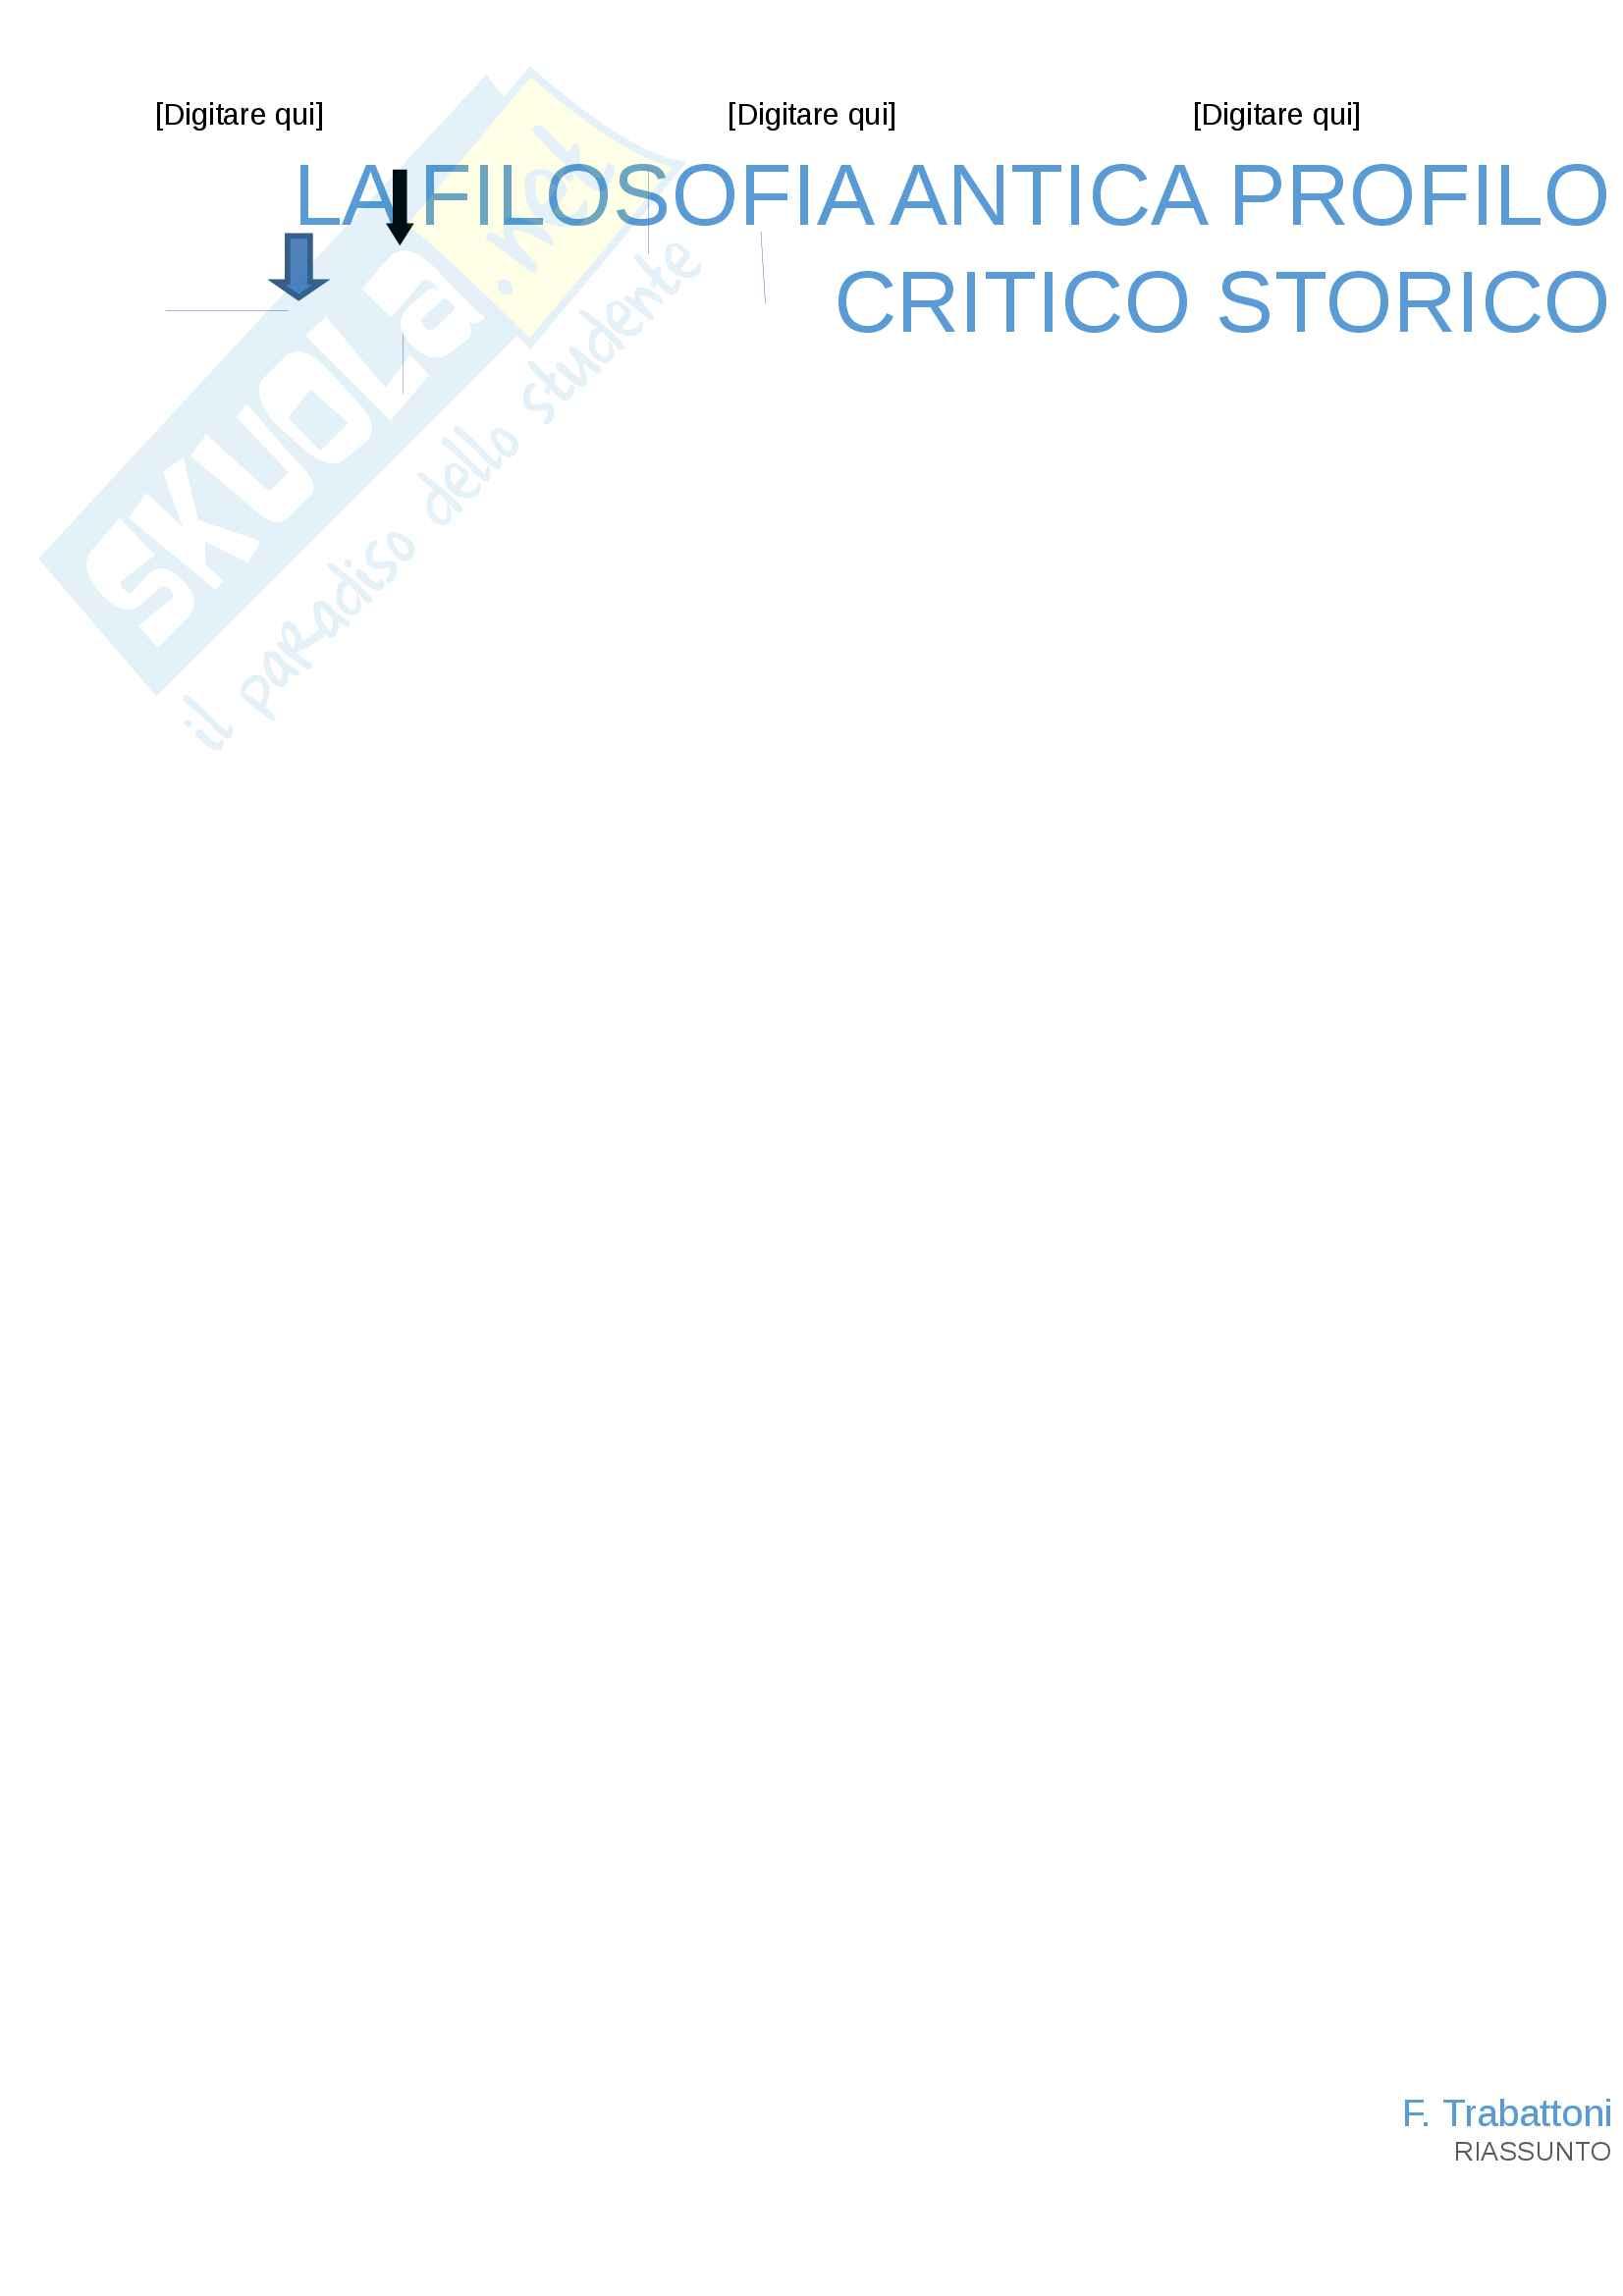 """Riassunto esame filosofia antica per l'esame del prof. Trabattoni, testo consigliato La filosofia antica profilo critico-storico"""" di F.Trabattoni"""